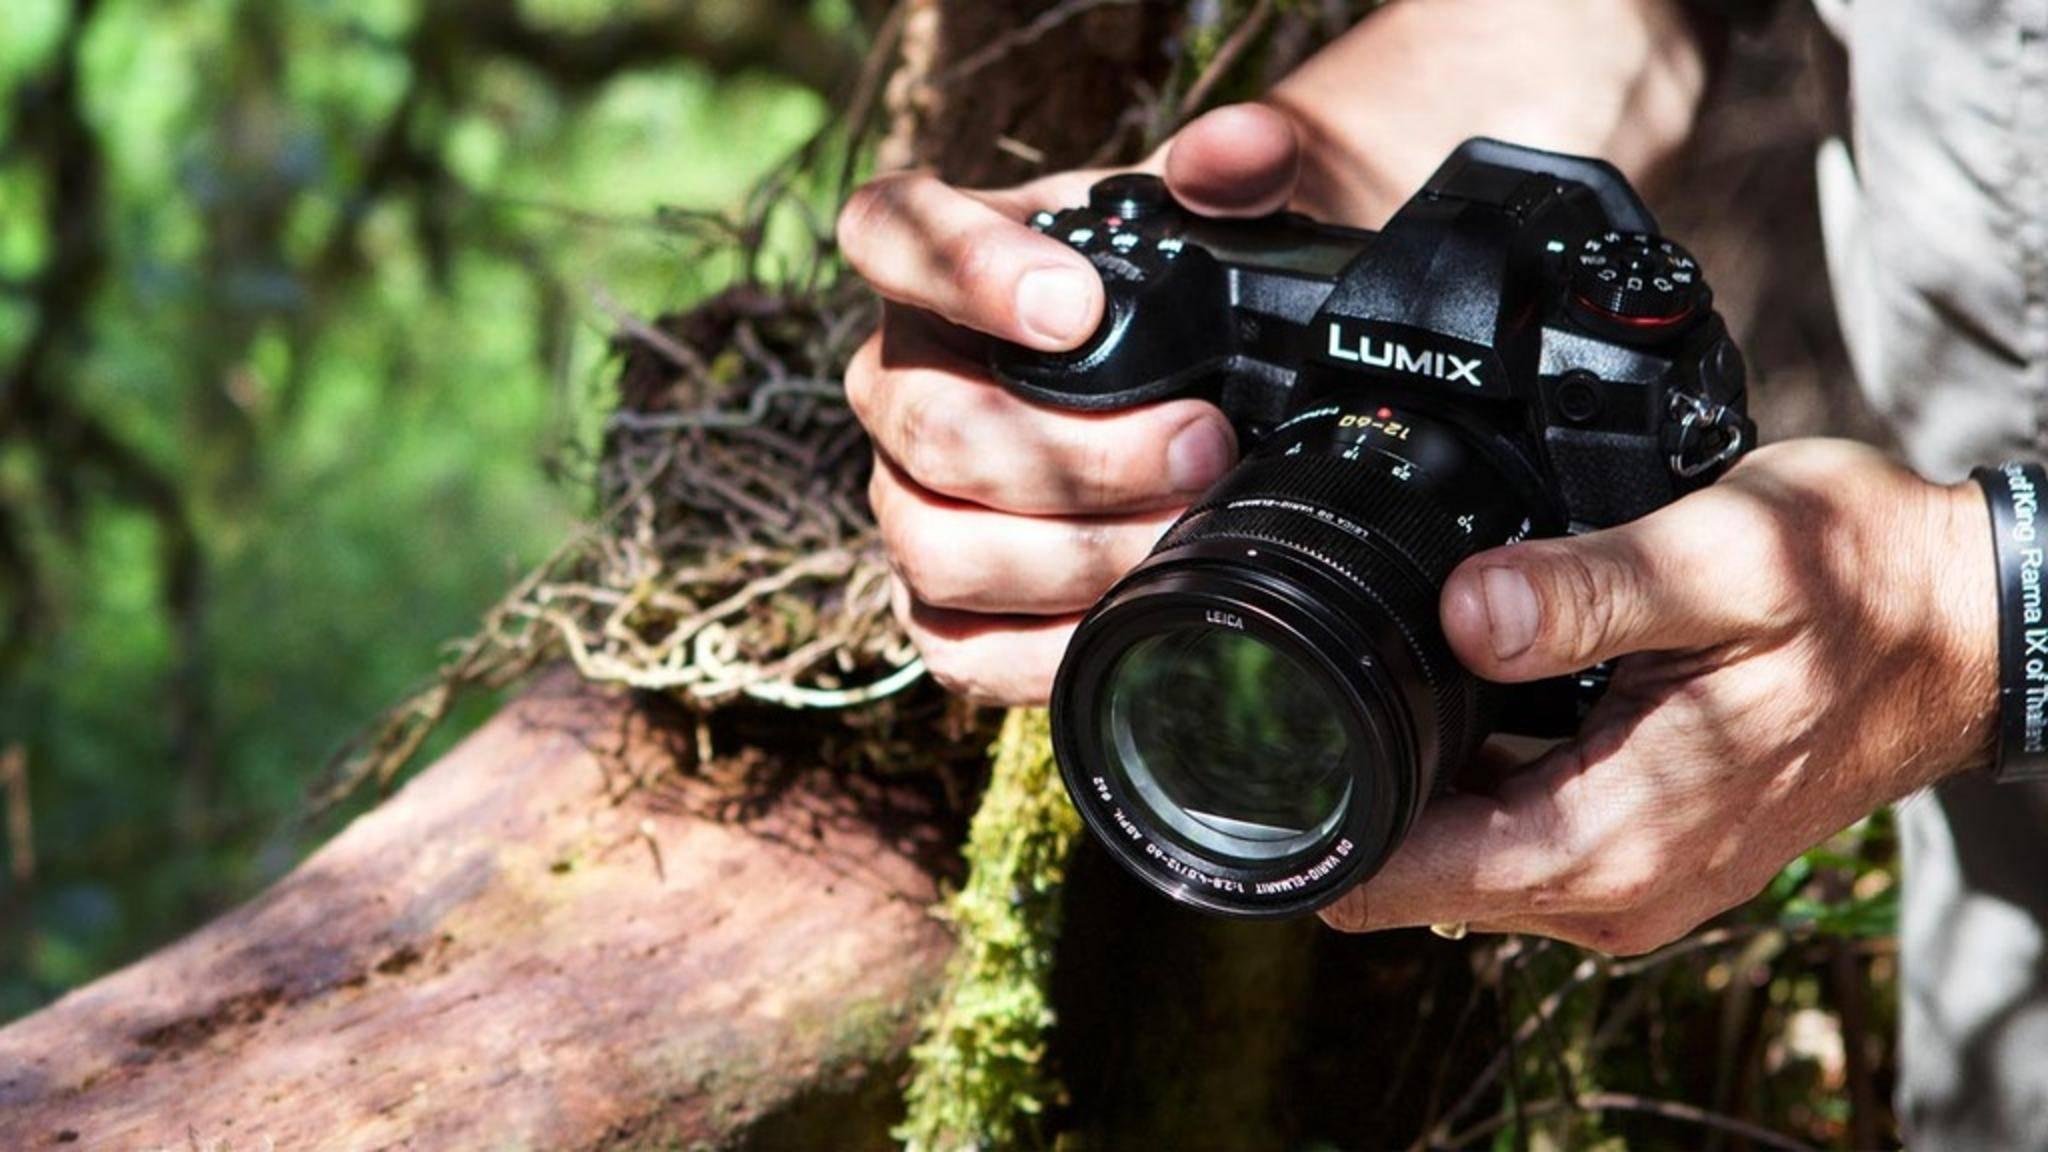 Die Lumix G9 macht besonders schnelle Serienaufnahmen.